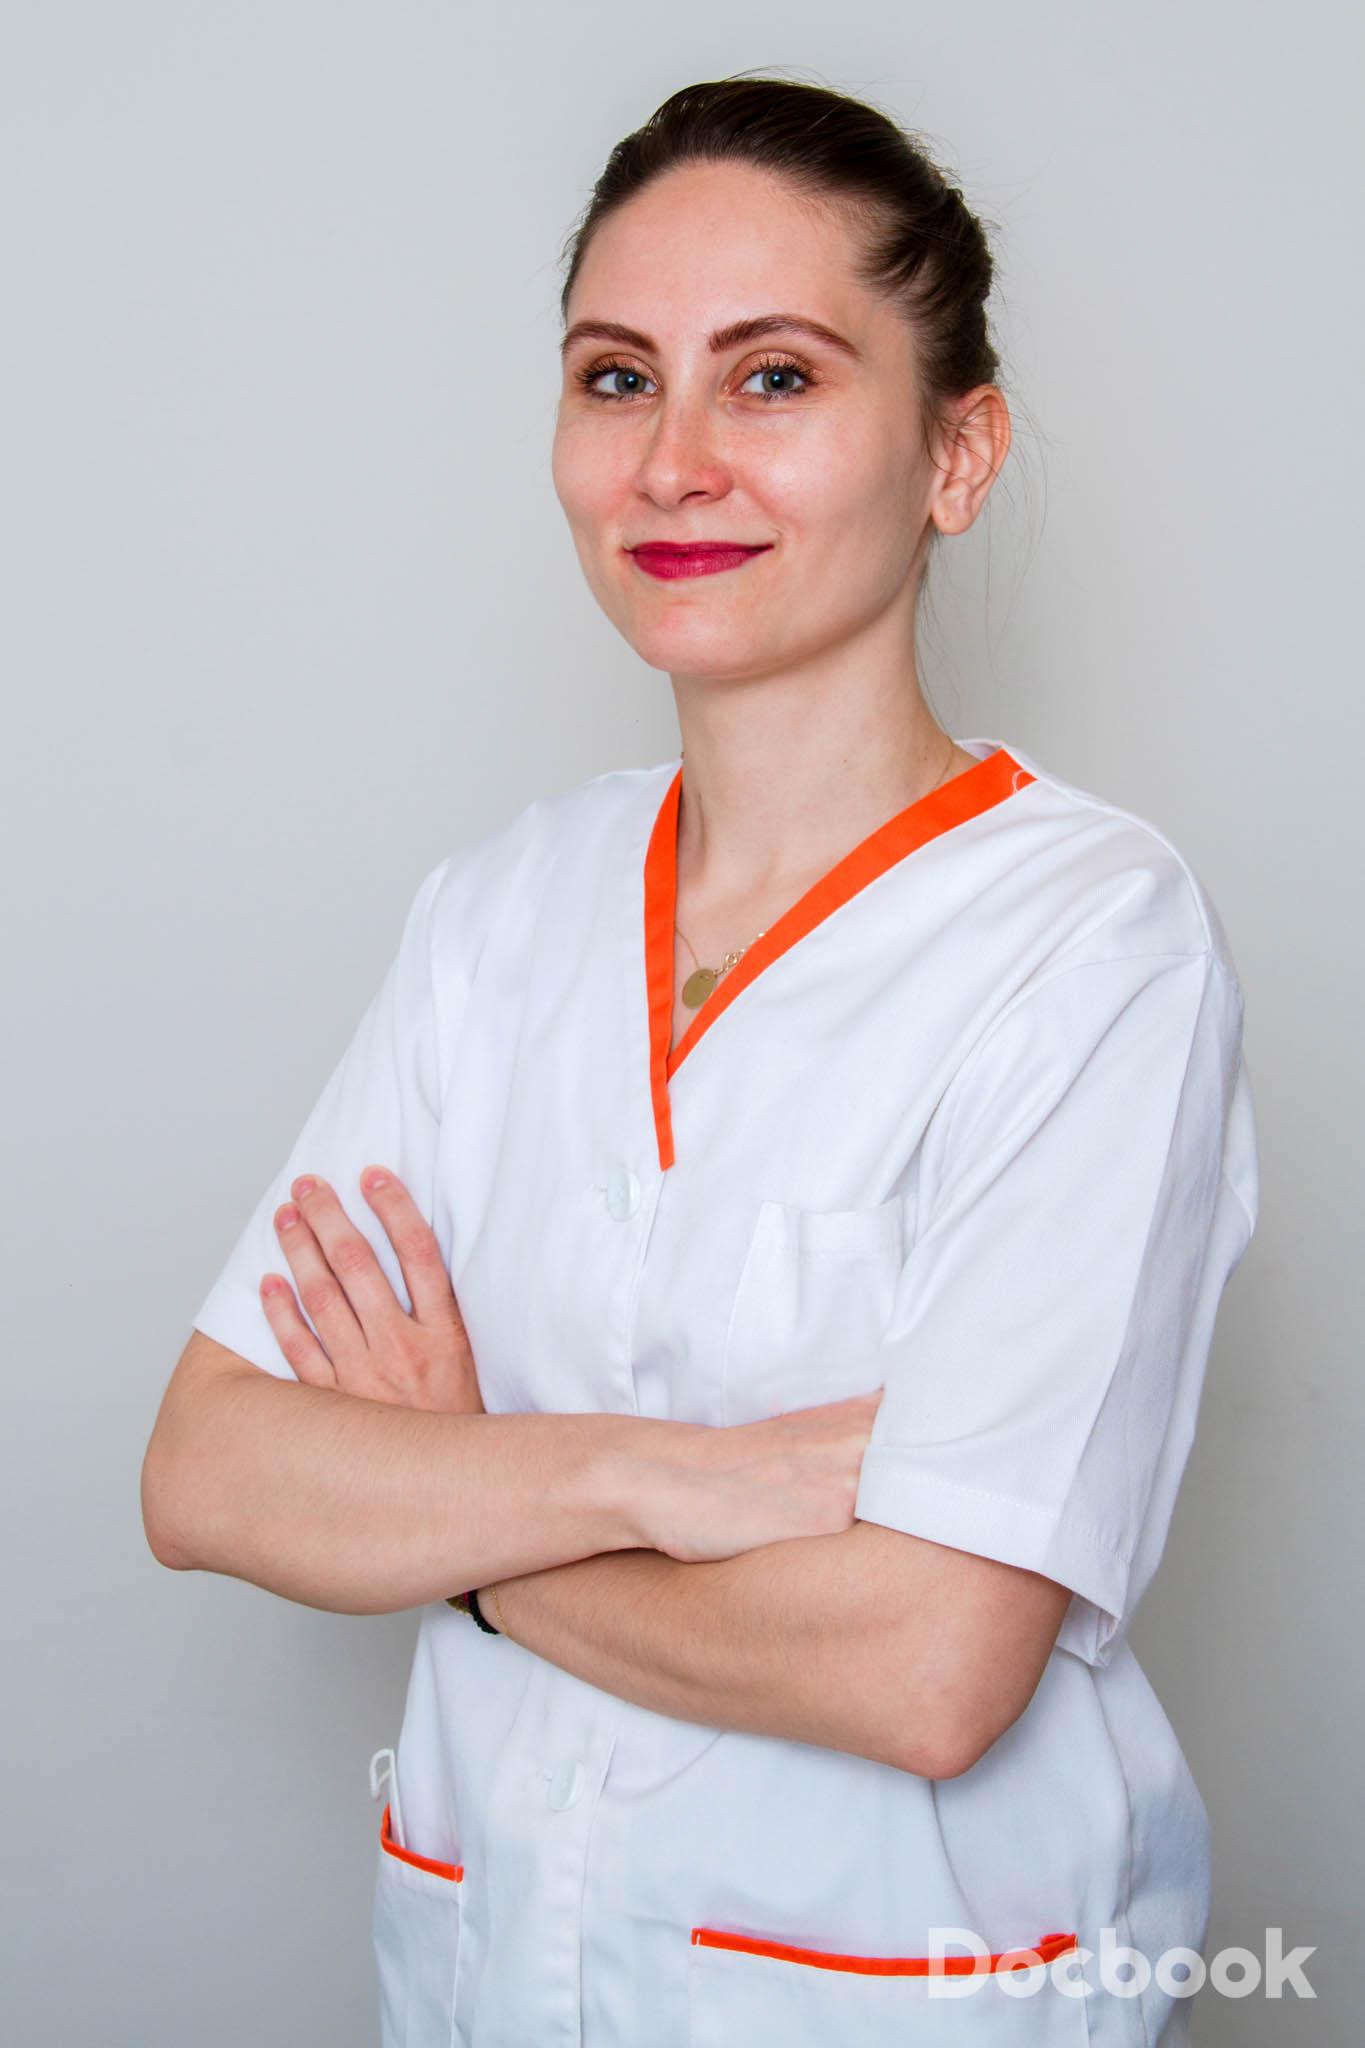 Dr. Raluca Tanase